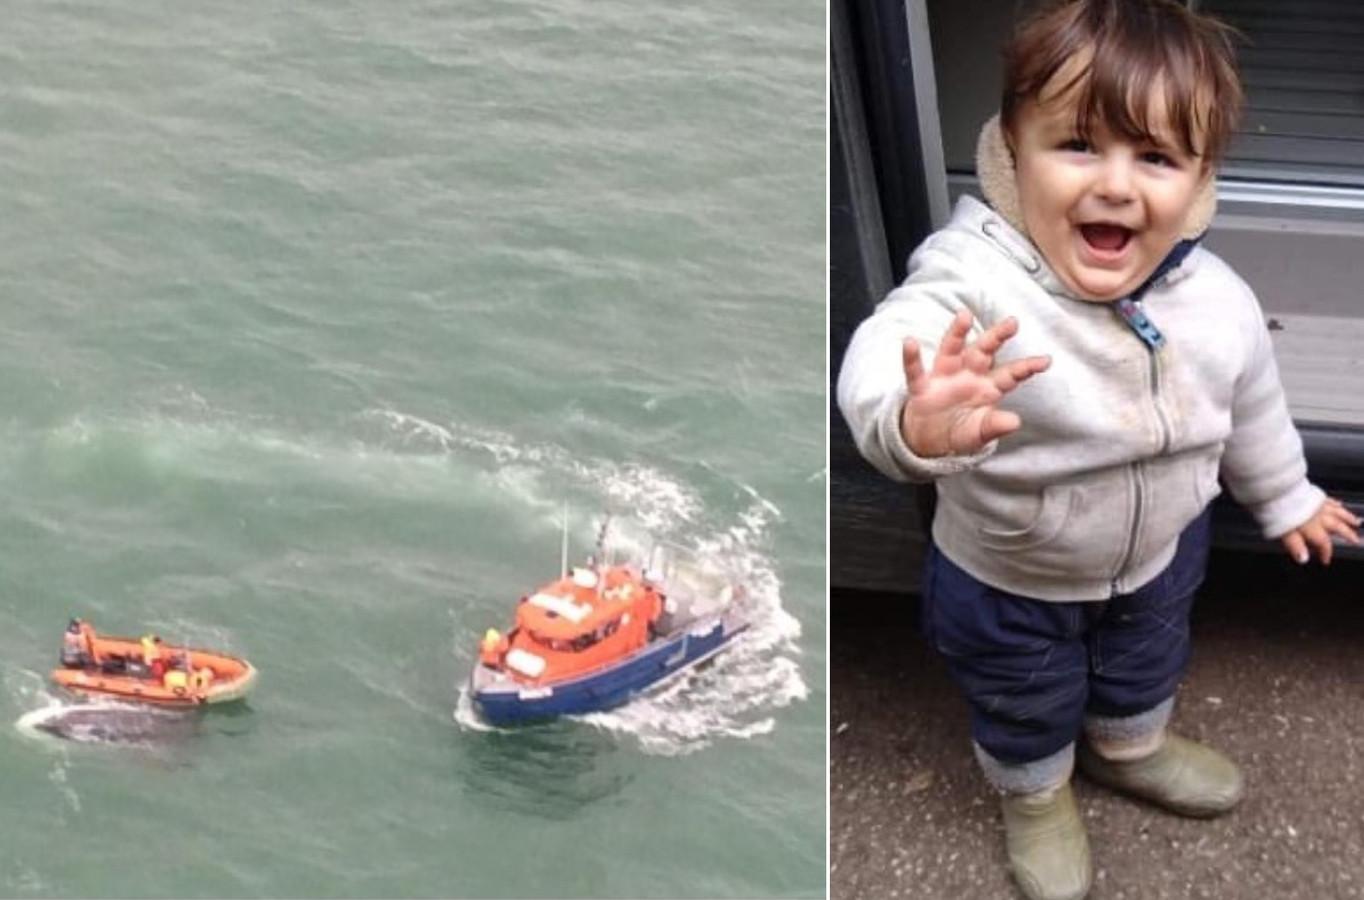 Het vijfjarige jongetje Artin dat verdronk tijdens de oversteek naar Engeland en een overzichtsbeeld van de reddingsactie.